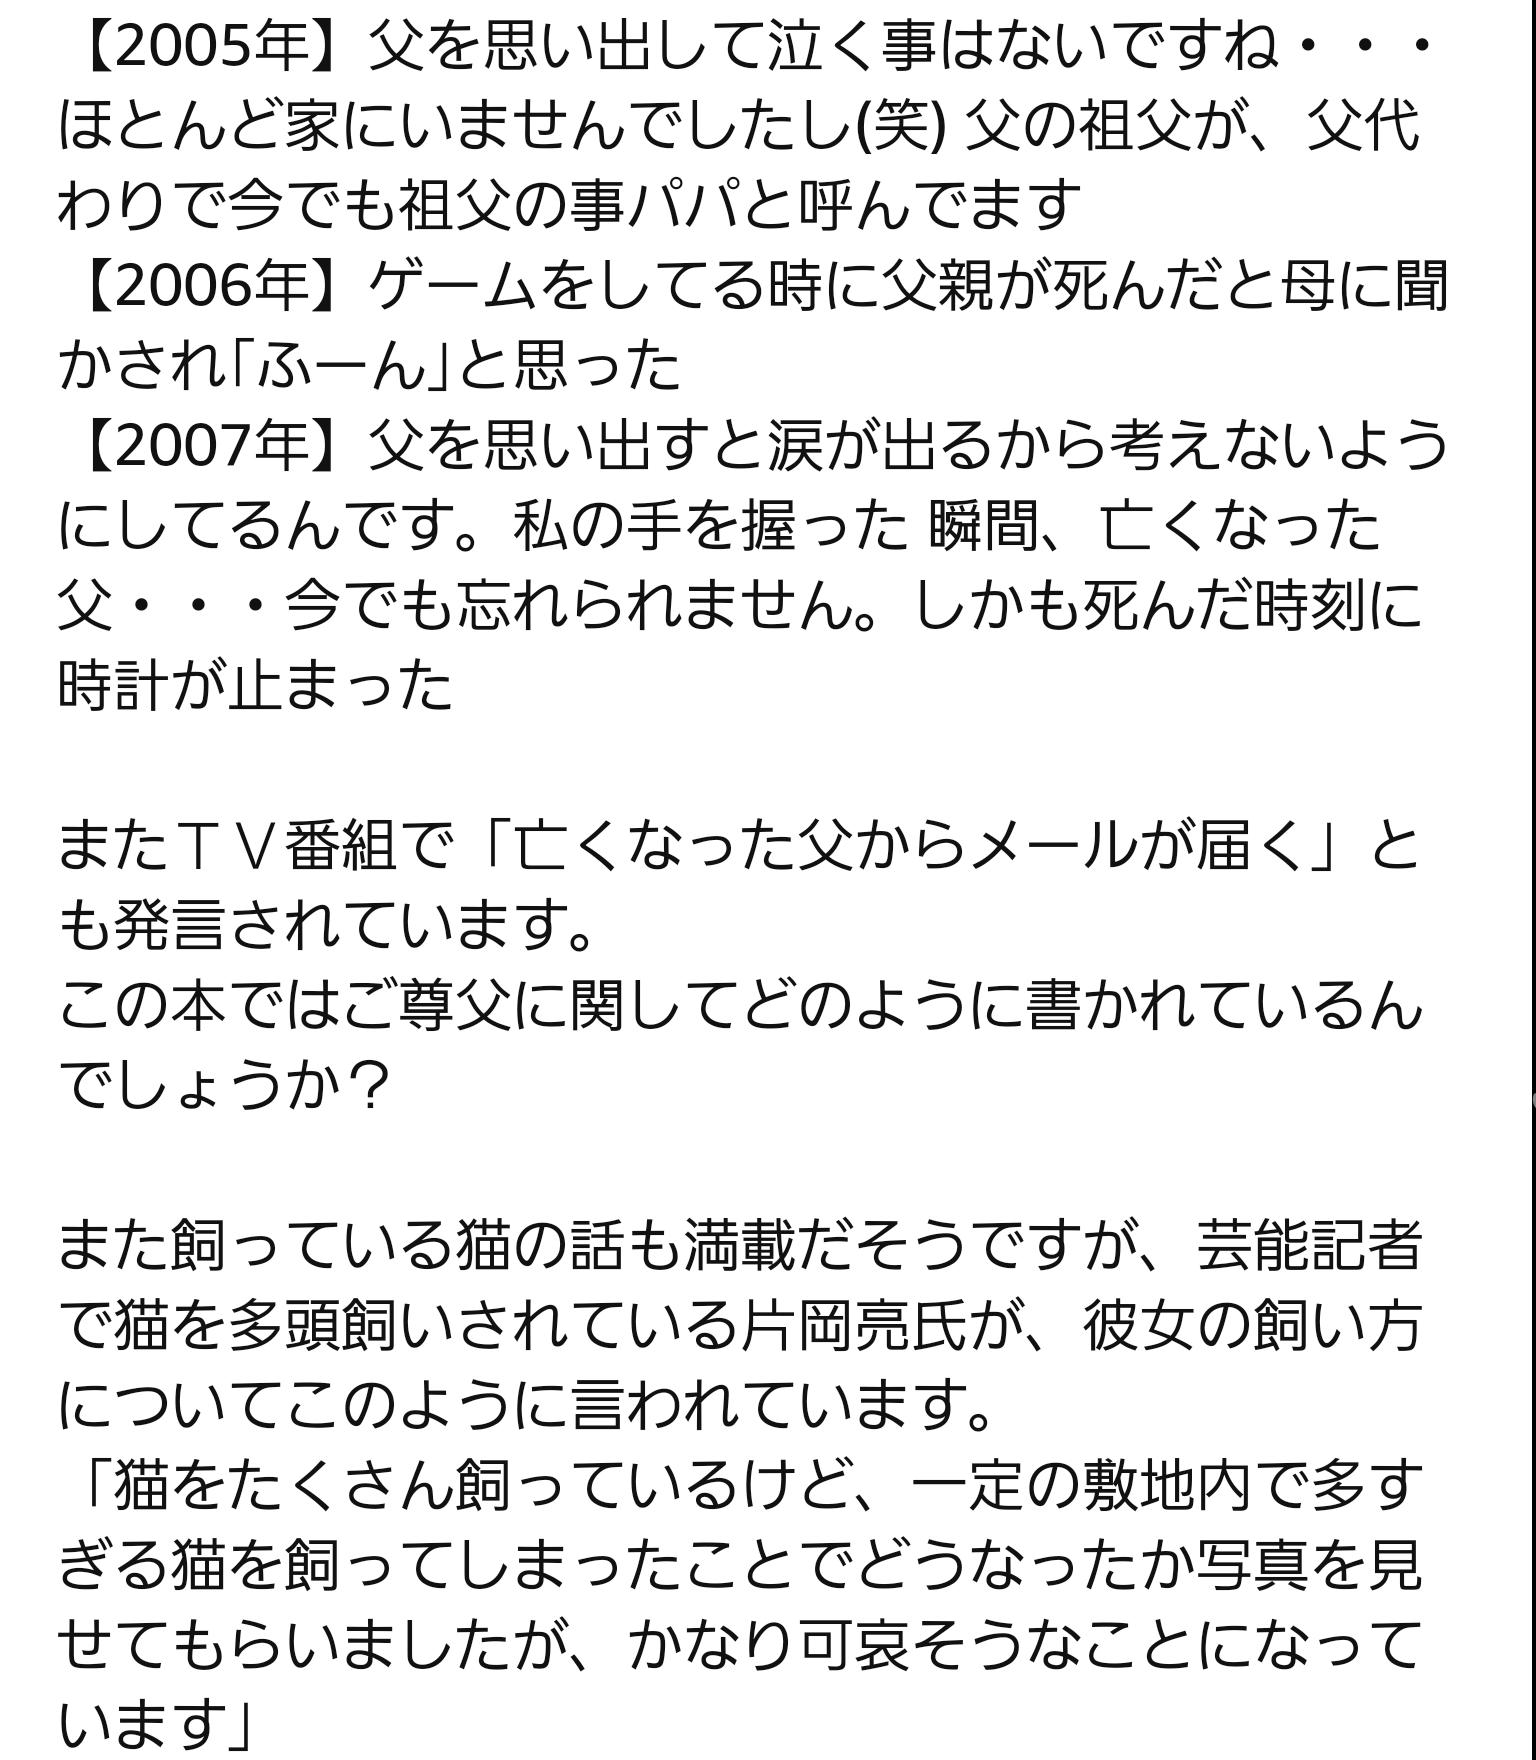 中川翔子、急死した愛猫・マミタスのお別れ会を実施